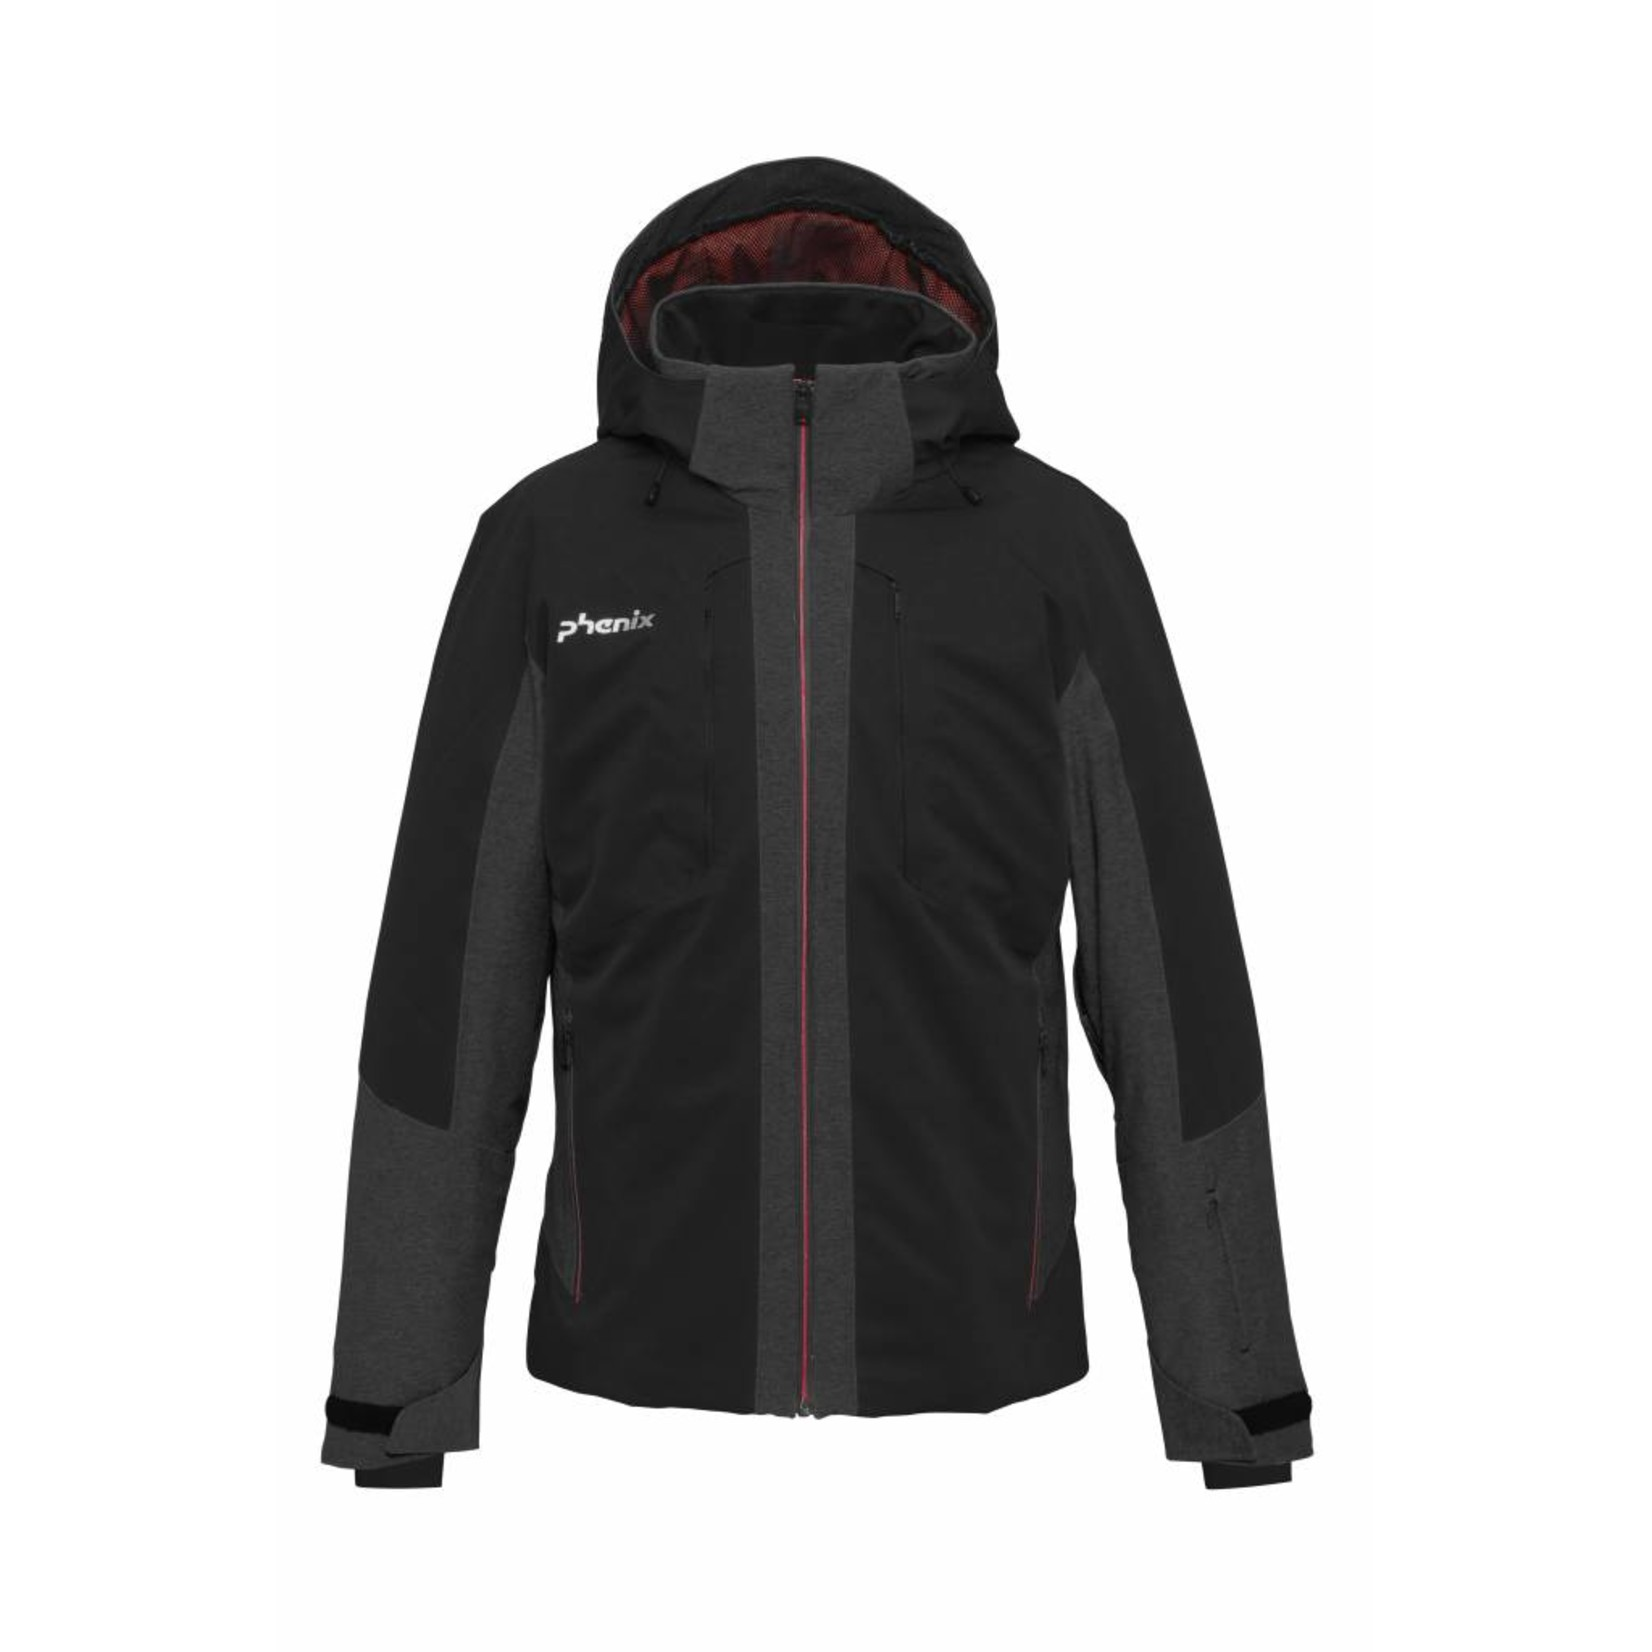 PHENIX Niseko Jacket